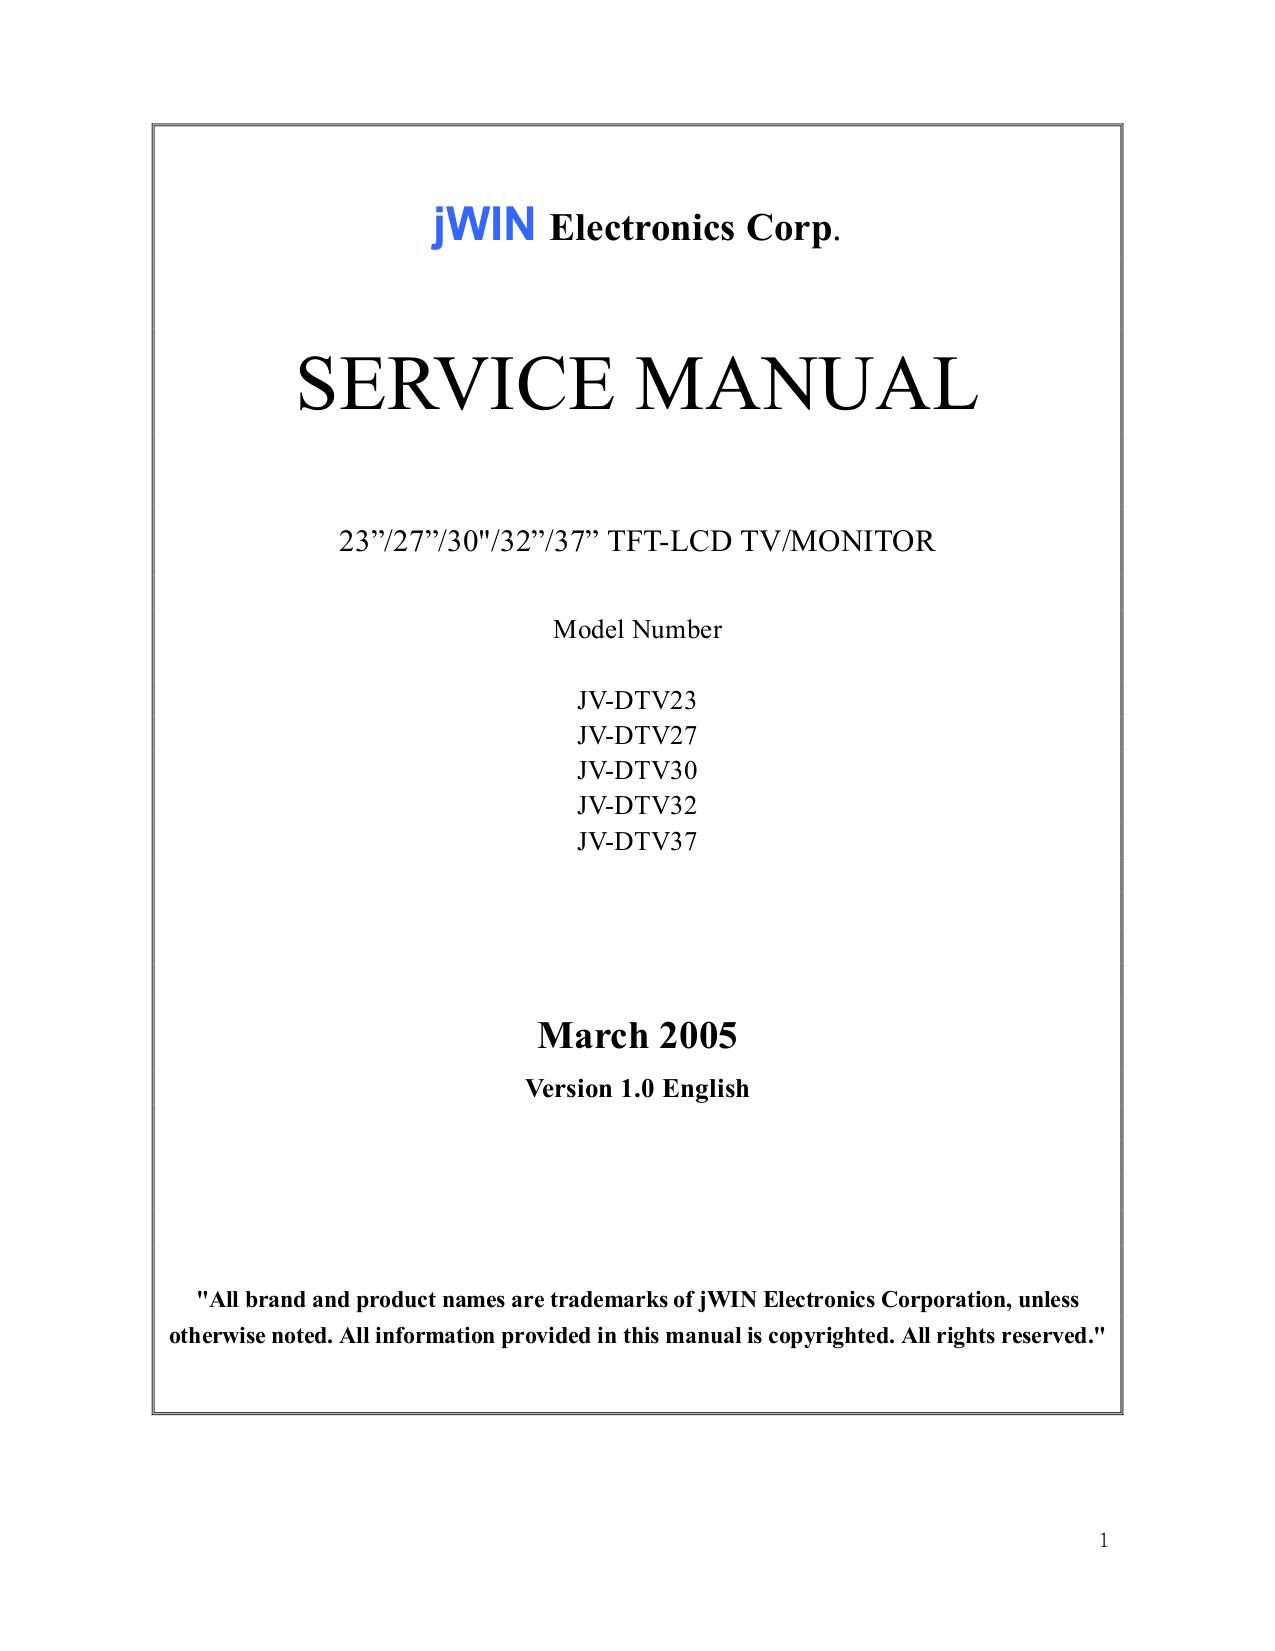 pdf for jWIN TV JV-DTV37 manual